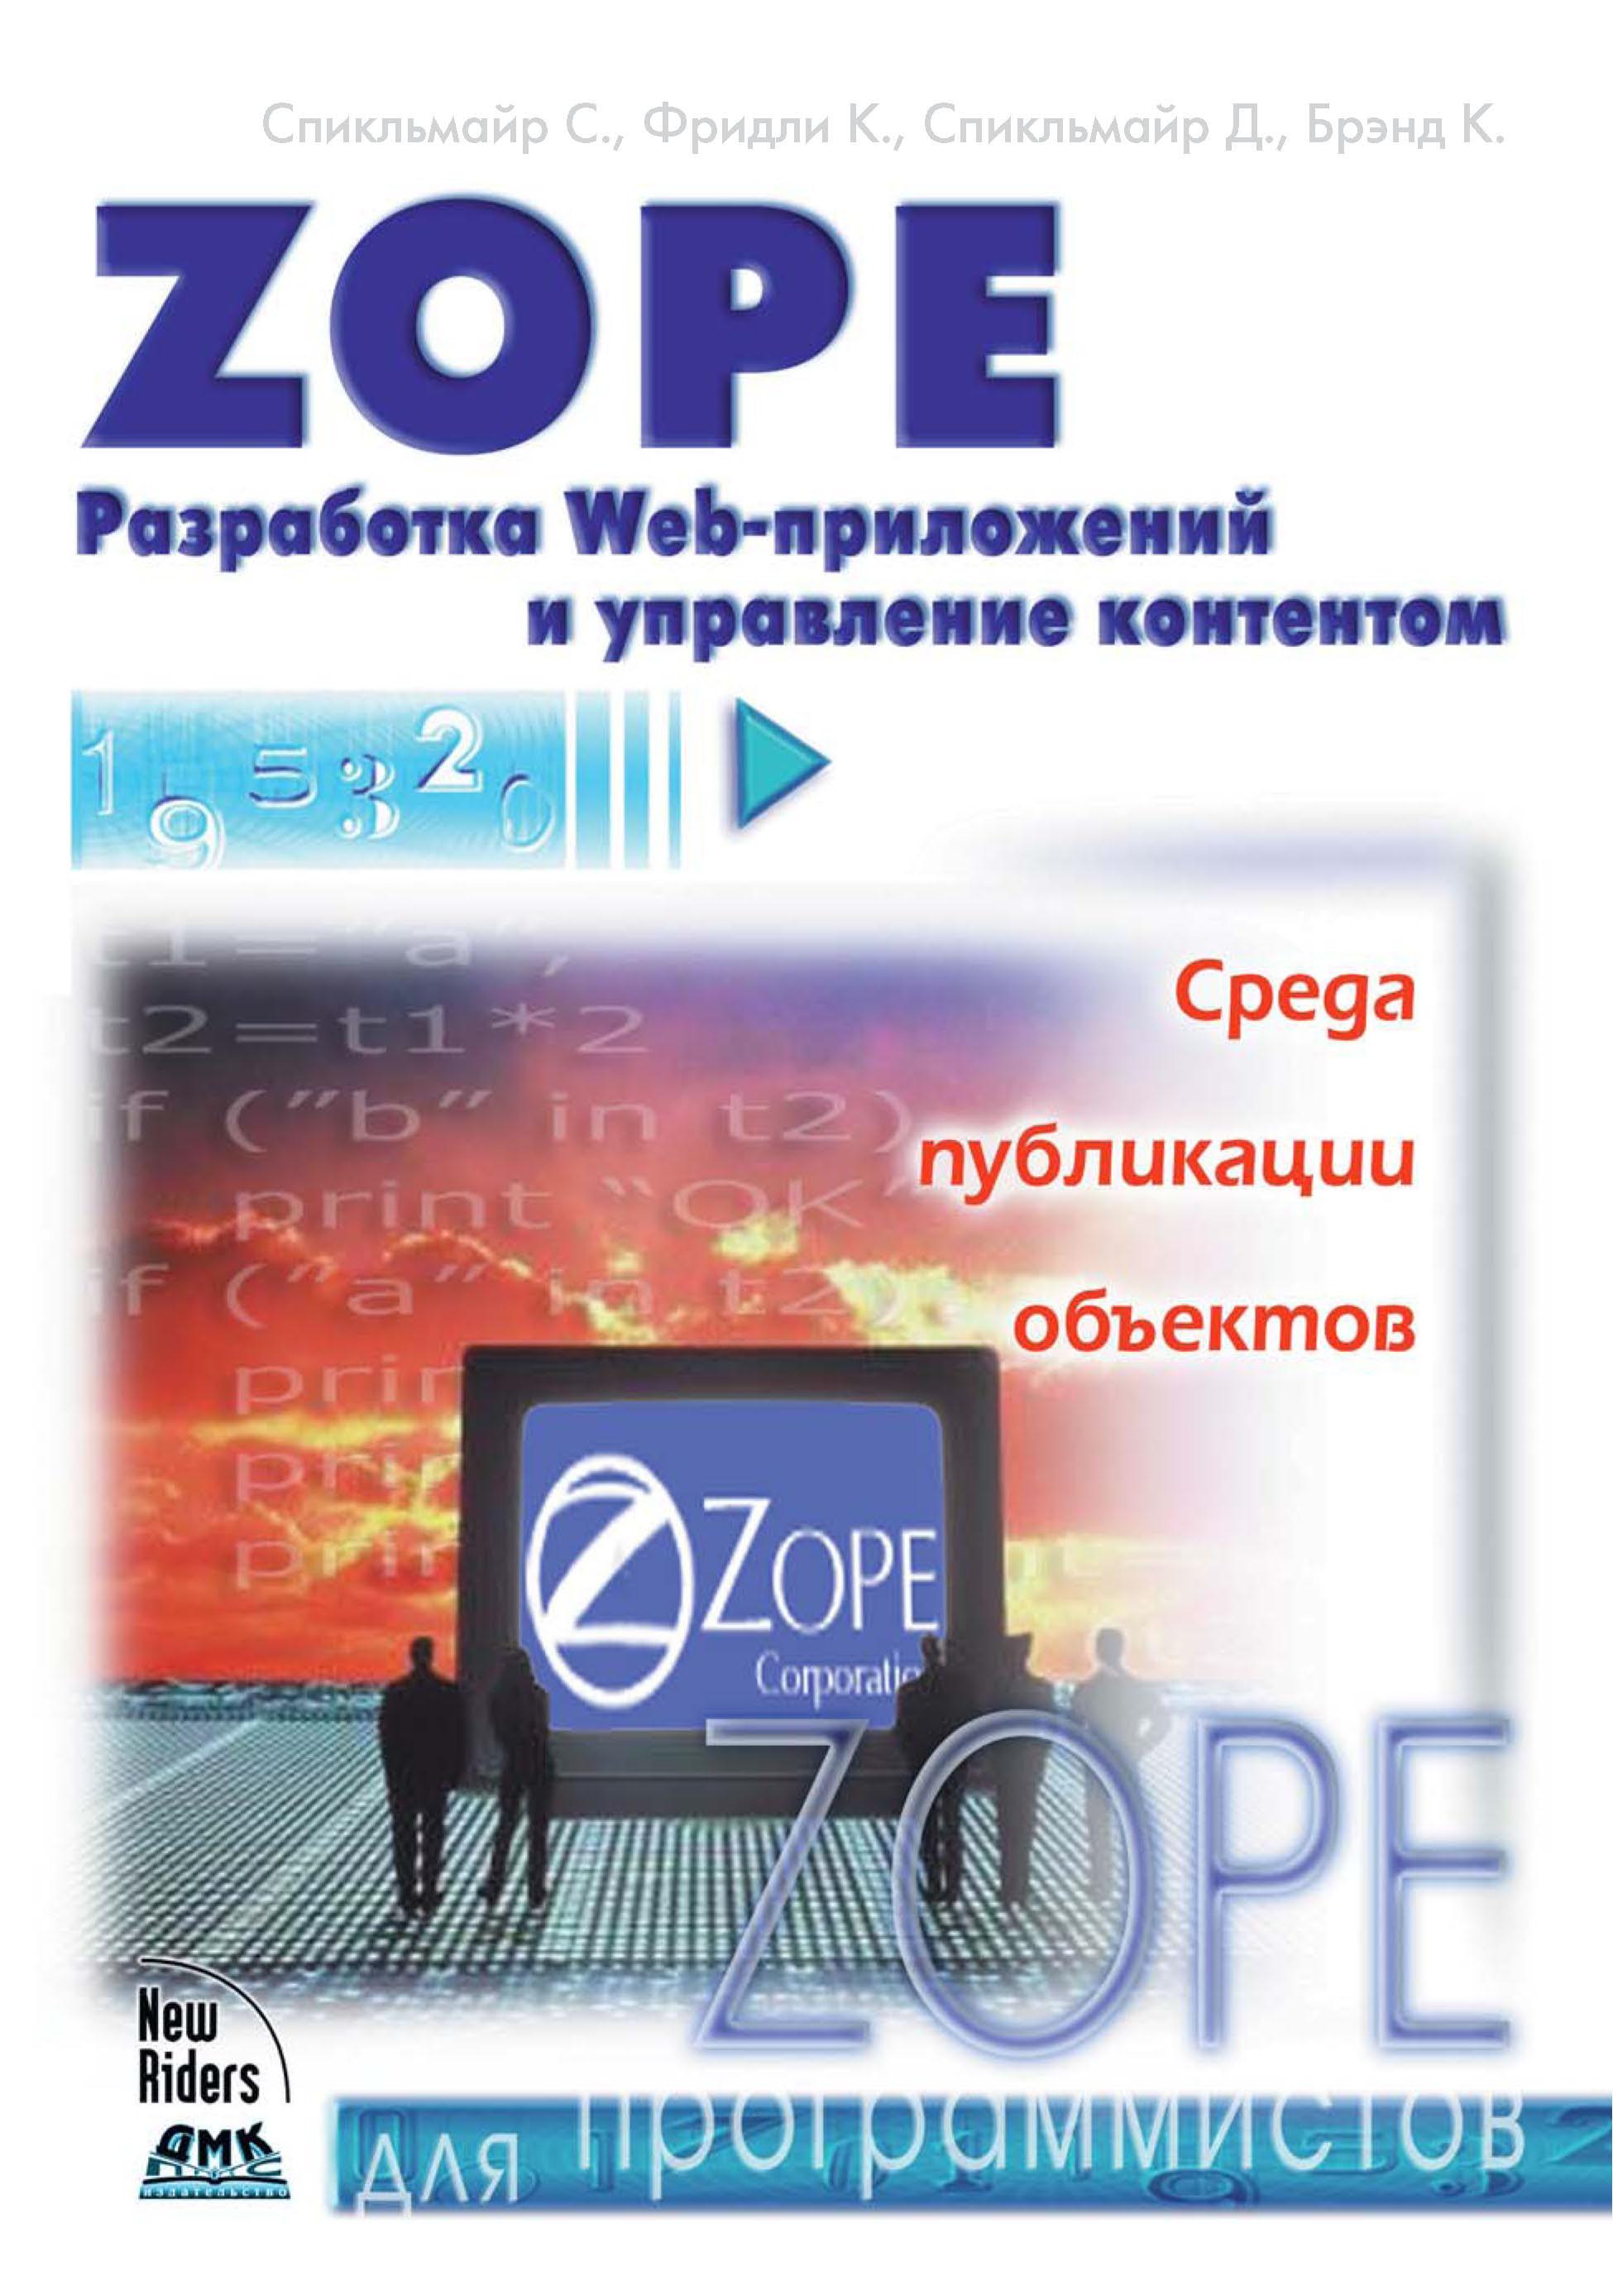 Стив Спикльмайр Zope. Разработка Web-приложений и управление контентом